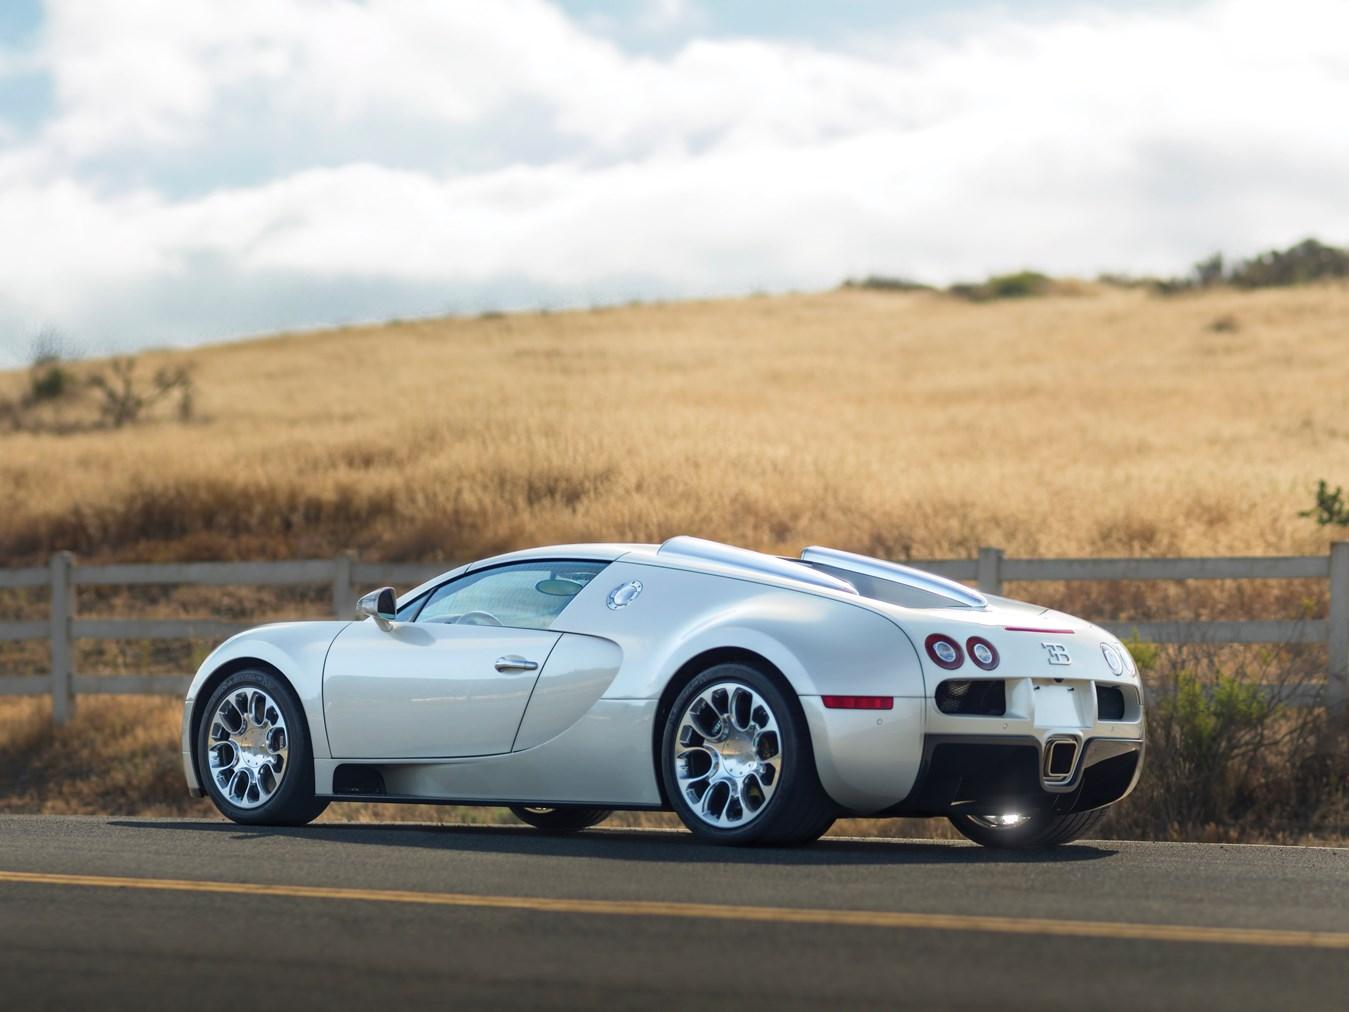 Sleek All-White Bugatti Veyron Grand Sport En Route To ...